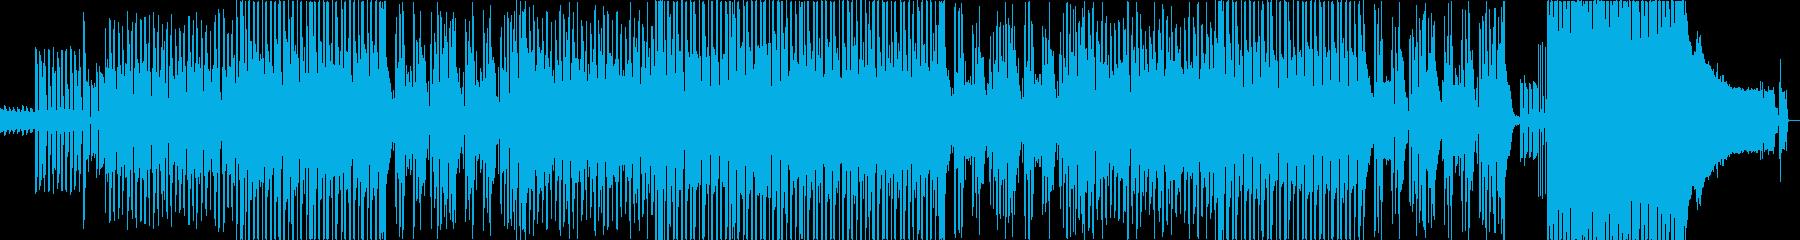 DA CHASEの再生済みの波形